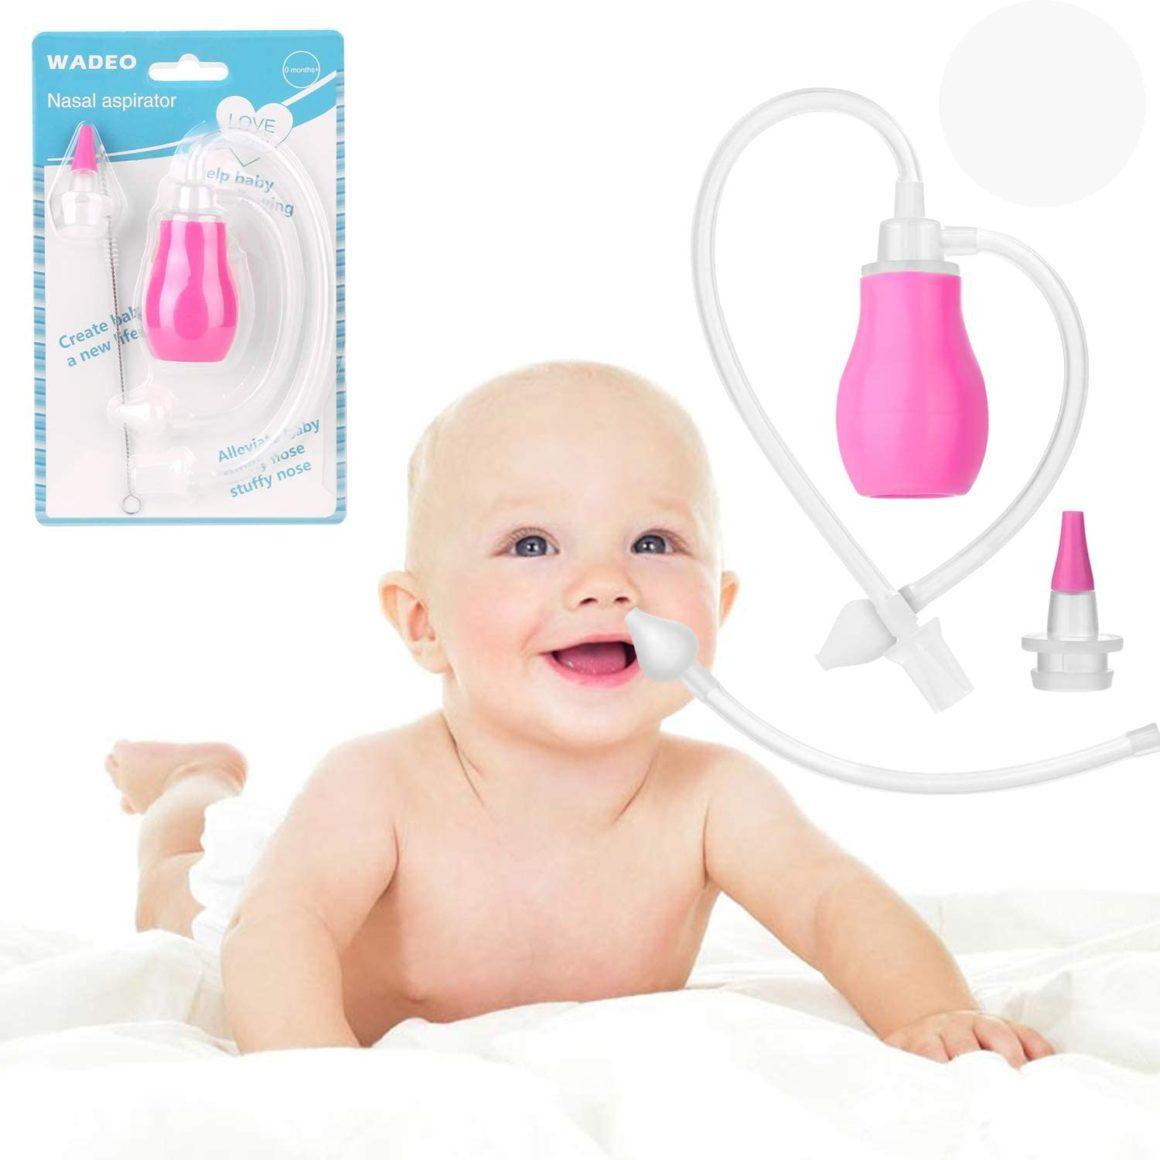 Aspiratore nasale per neonati con pompa Wadeo